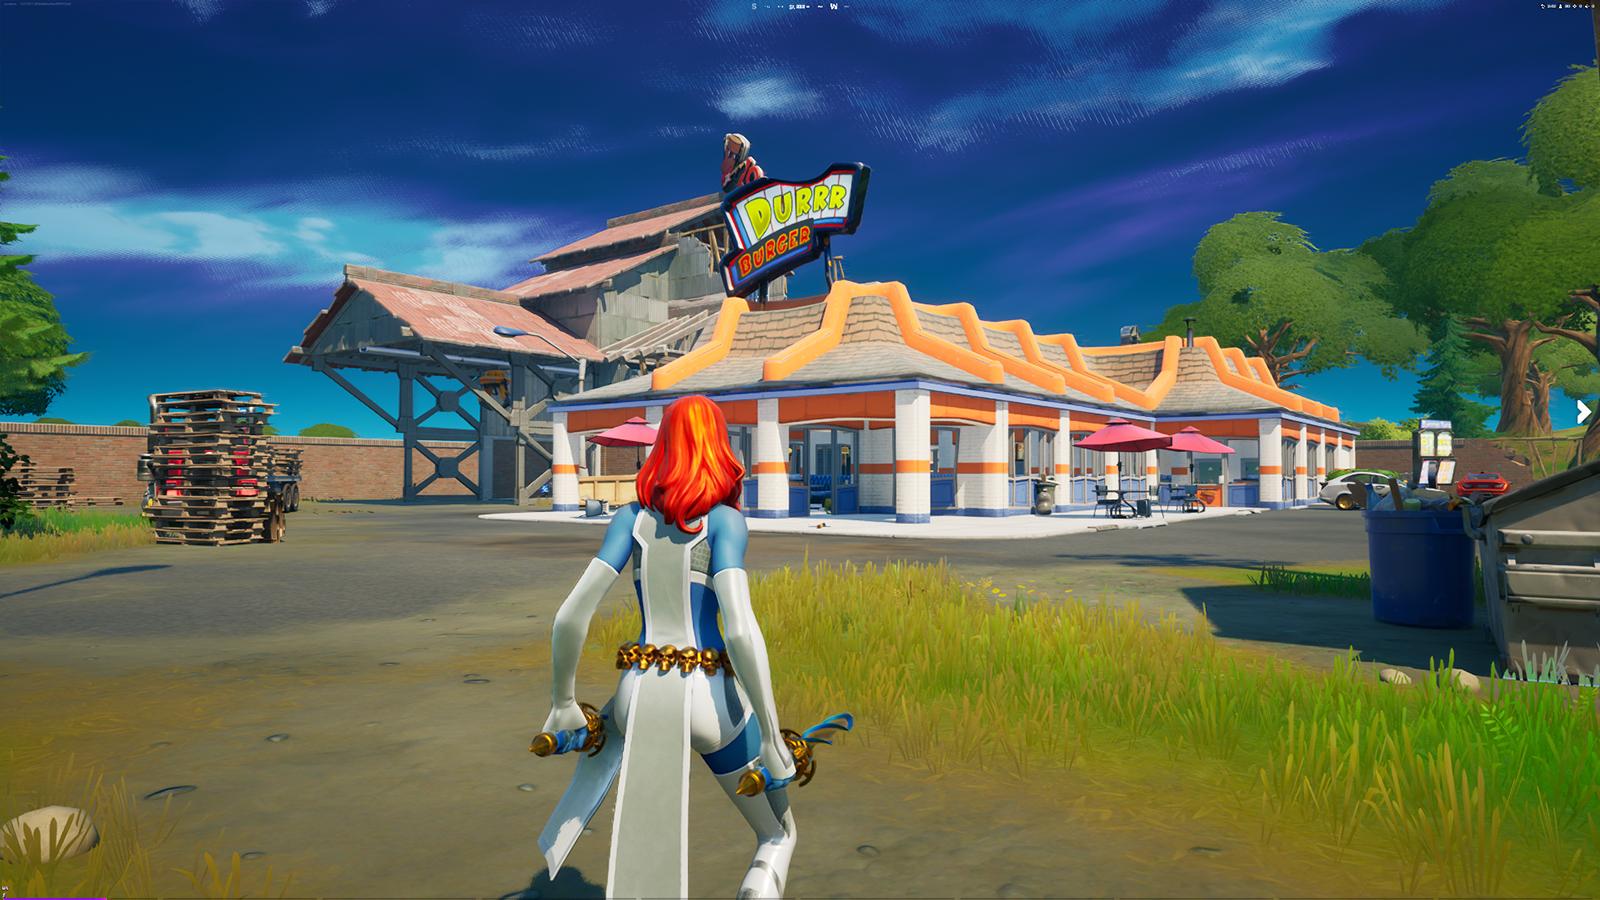 Durr Burger, a new POI in Fortnite's new season